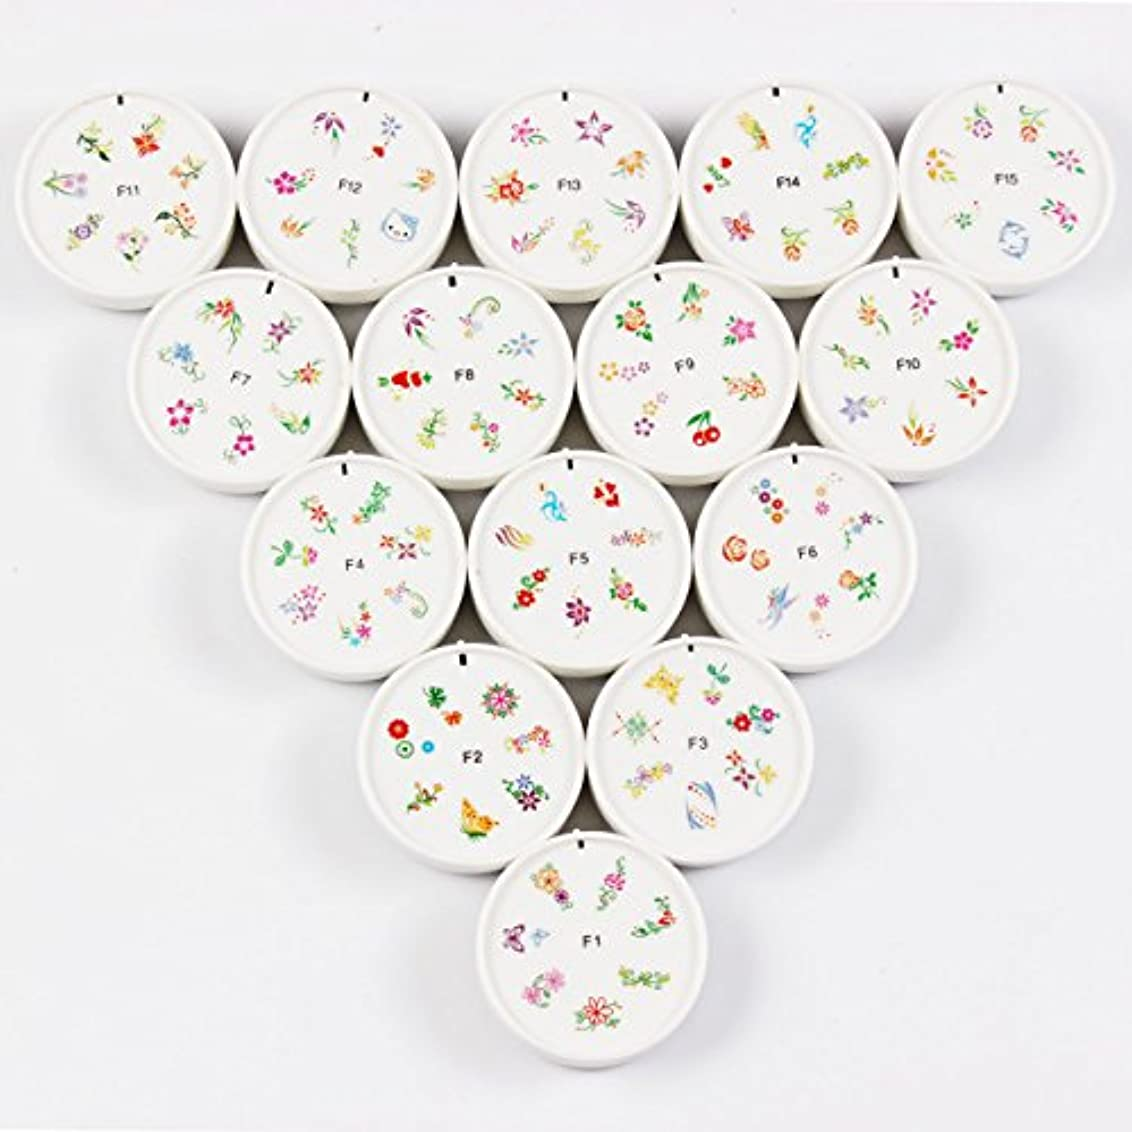 ひどく構成員句FingerAngel ネイルイスタンプセット 15枚 ホワイト ネイルスタンパー ゴム プラスチック ネイルアート